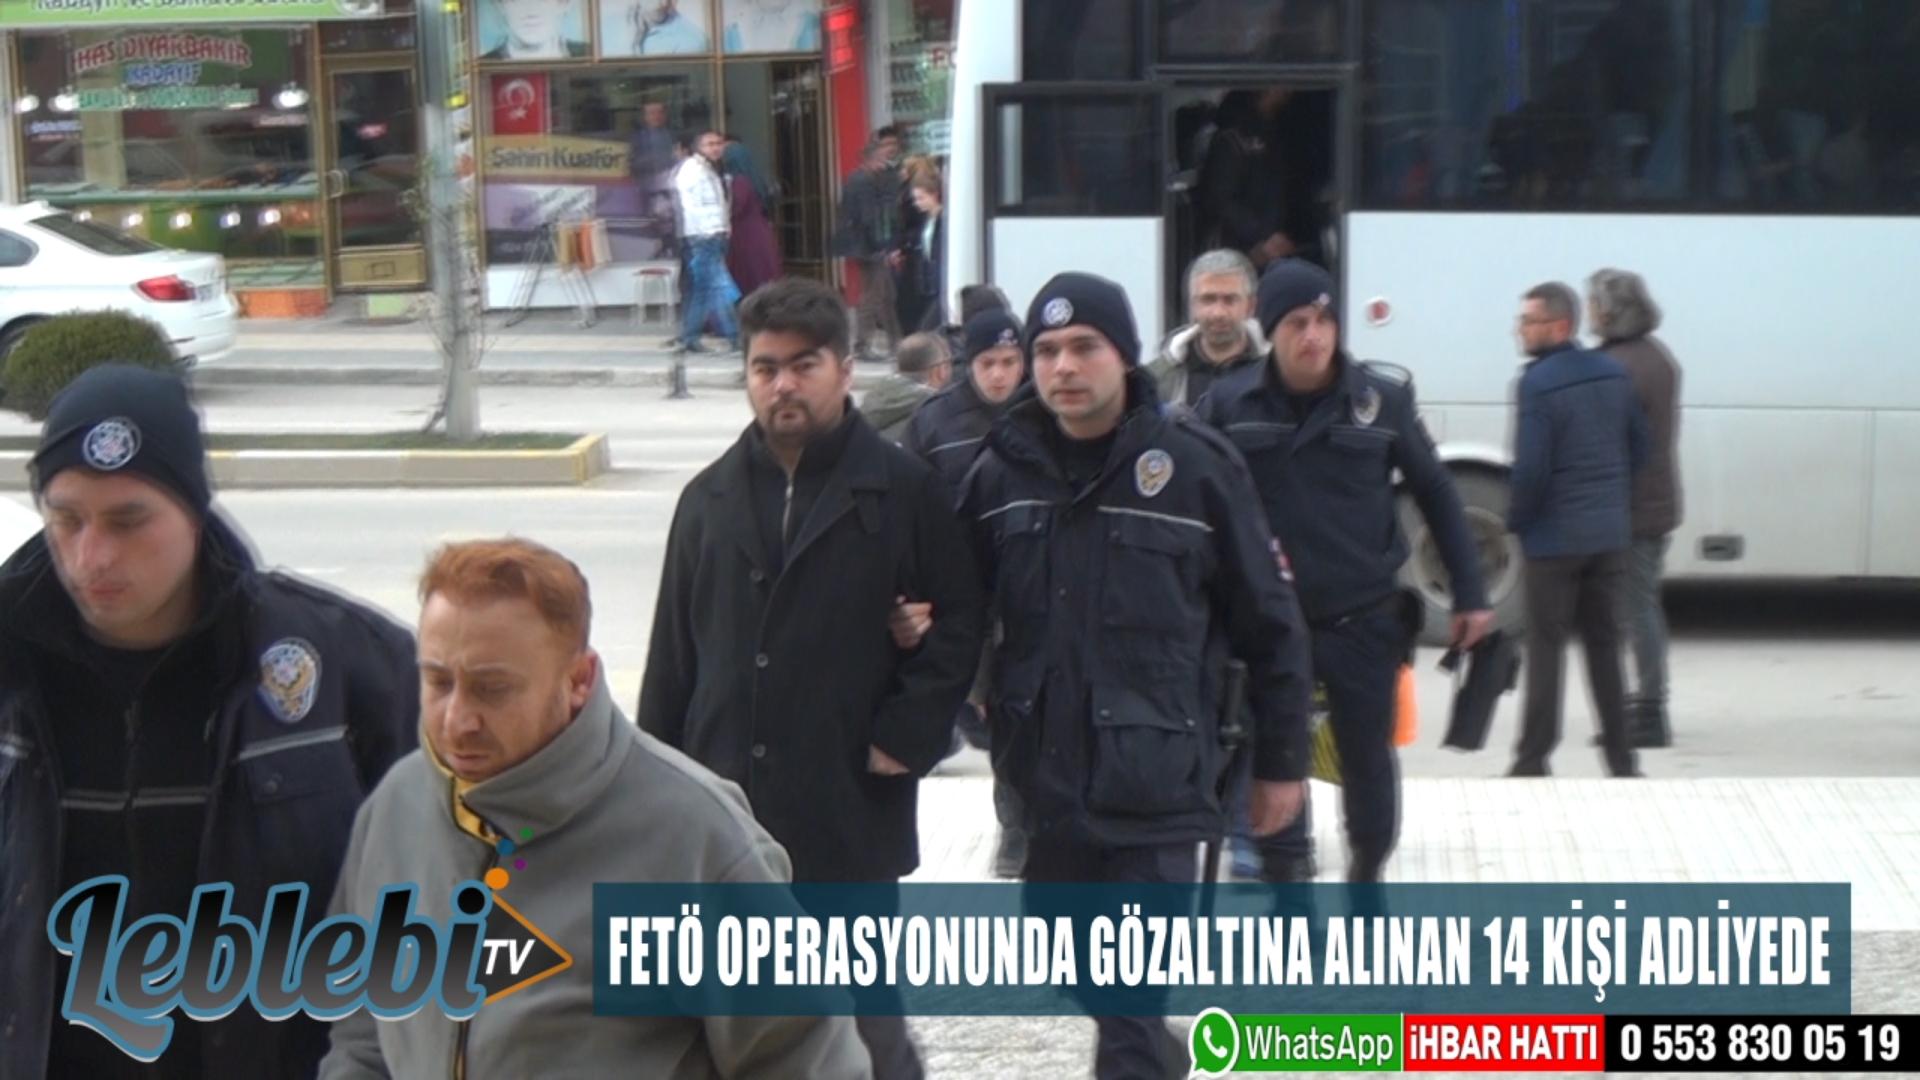 FETÖ OPERASYONUNDA GÖZALTINA ALINAN 14 KİŞİ ADLİYEDE